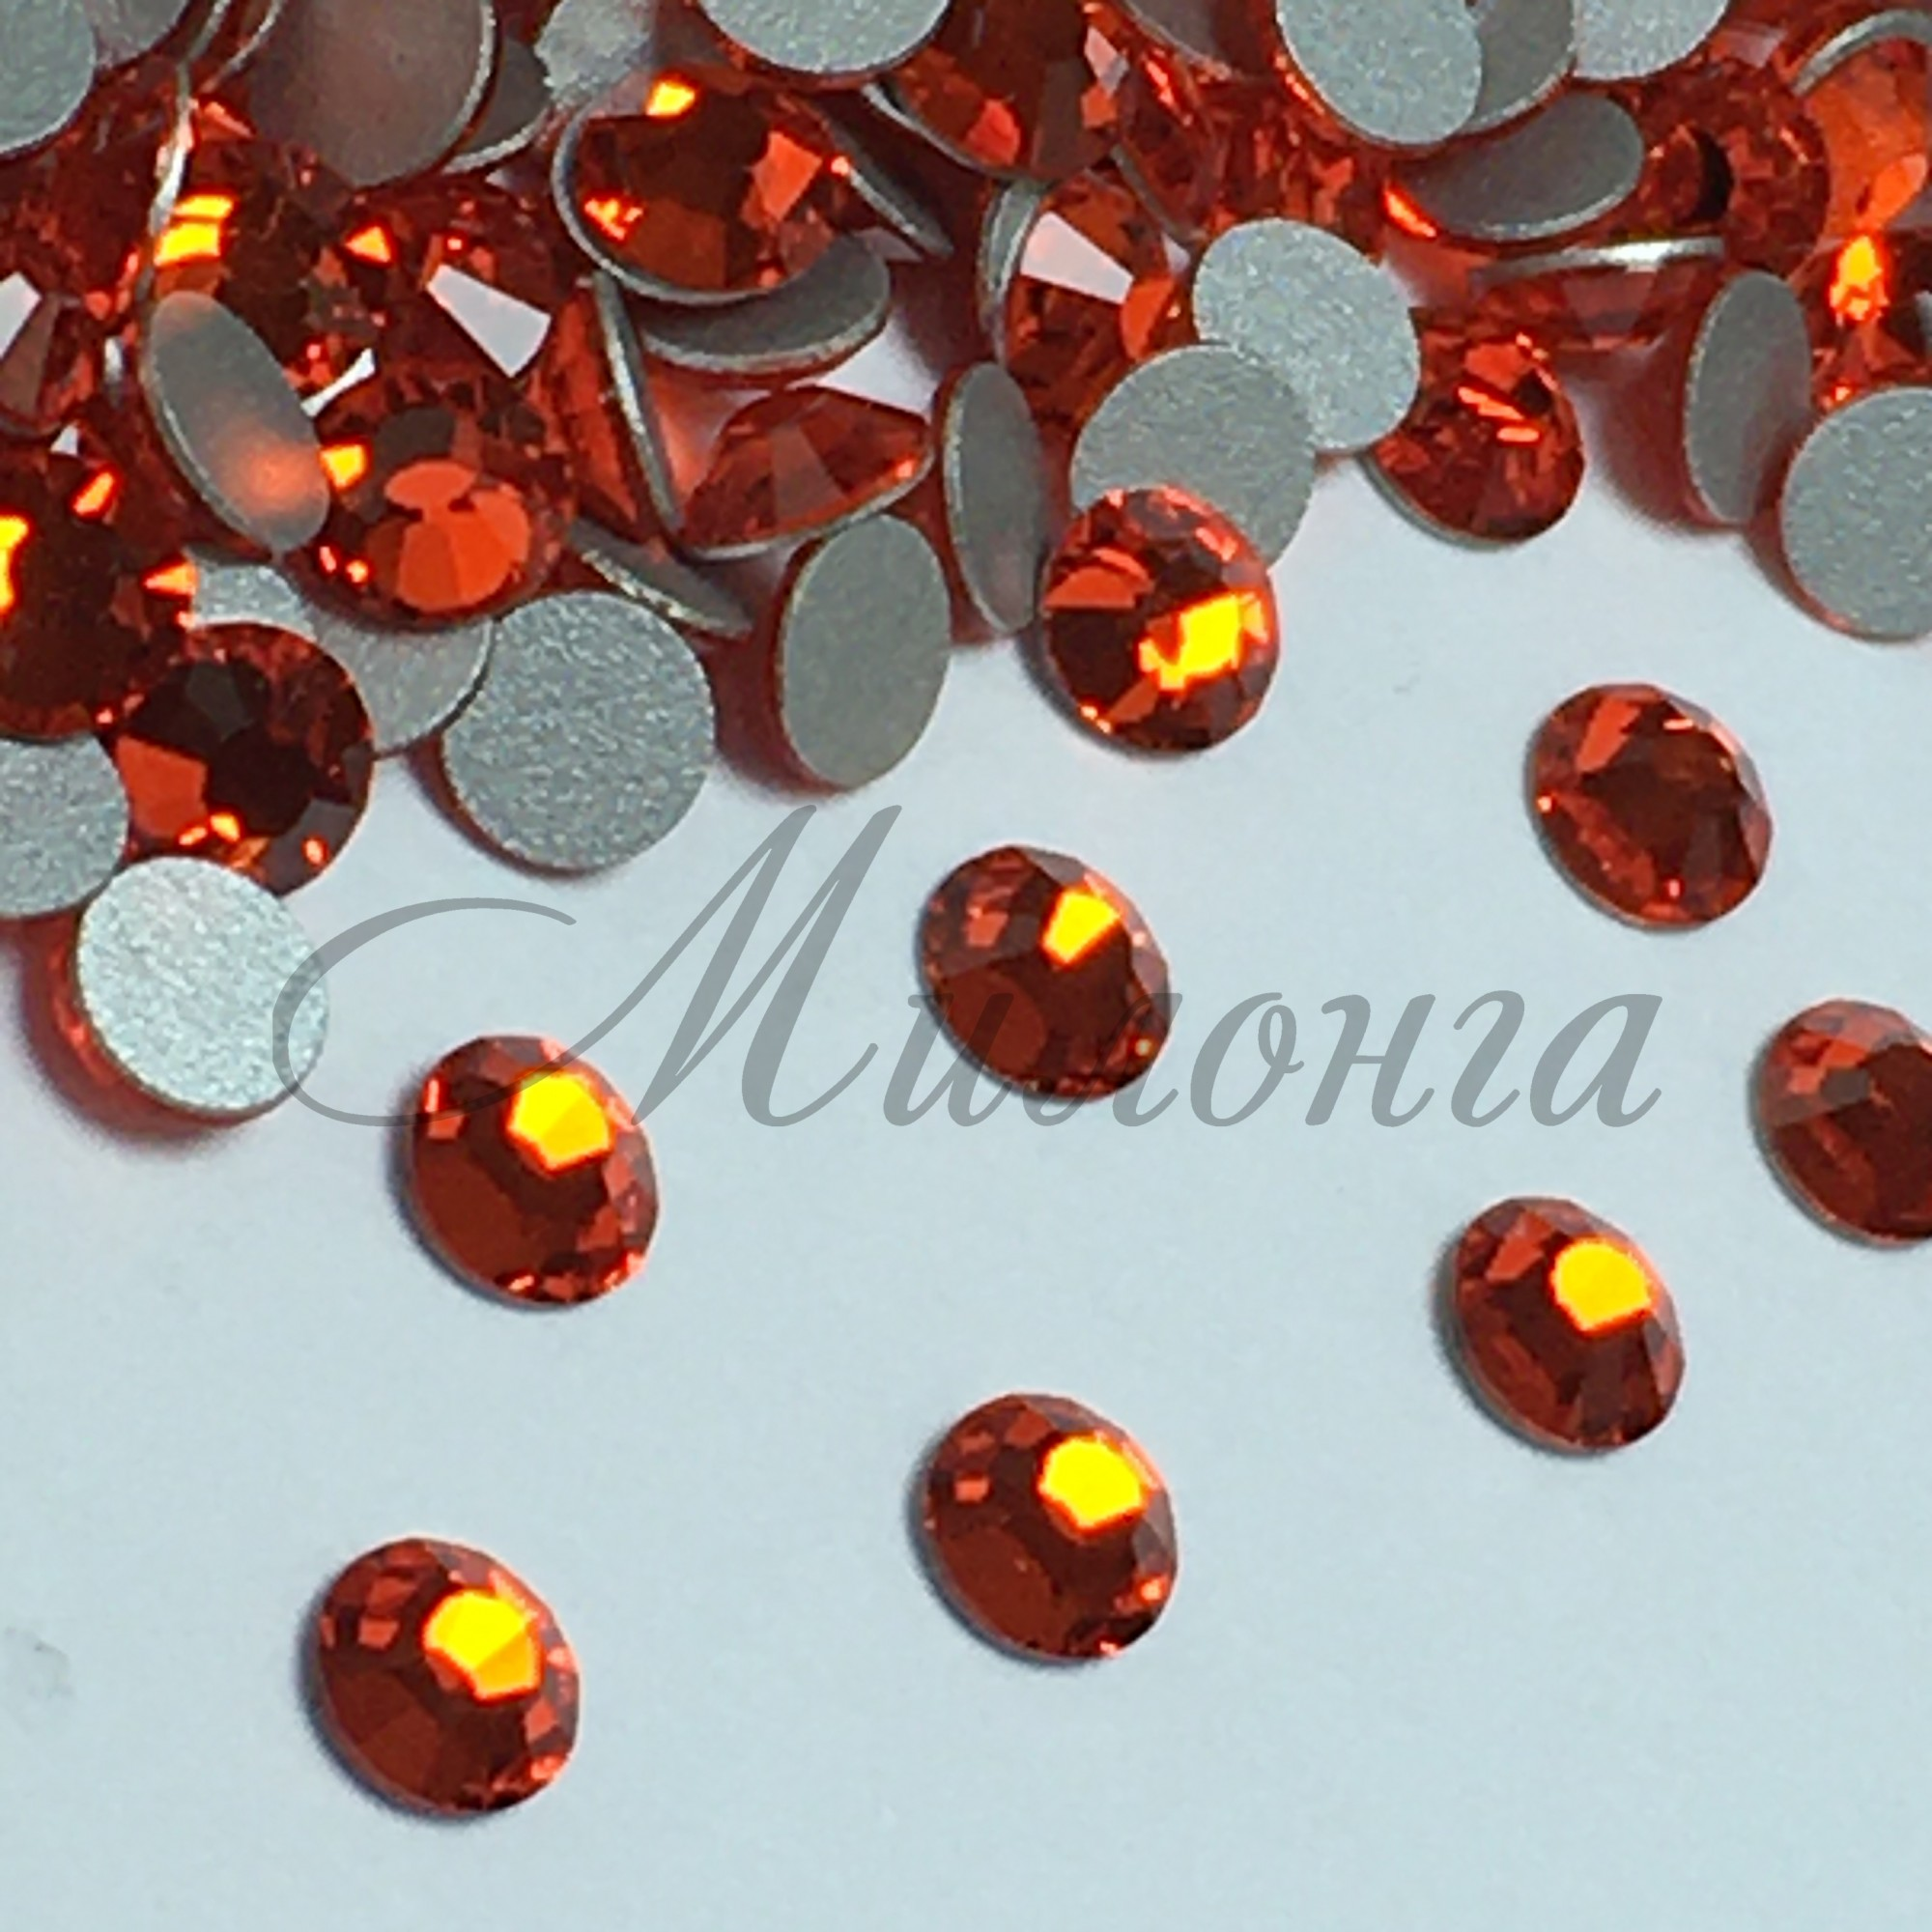 Preciosa Crystal SS16, клеевые Tanazanite